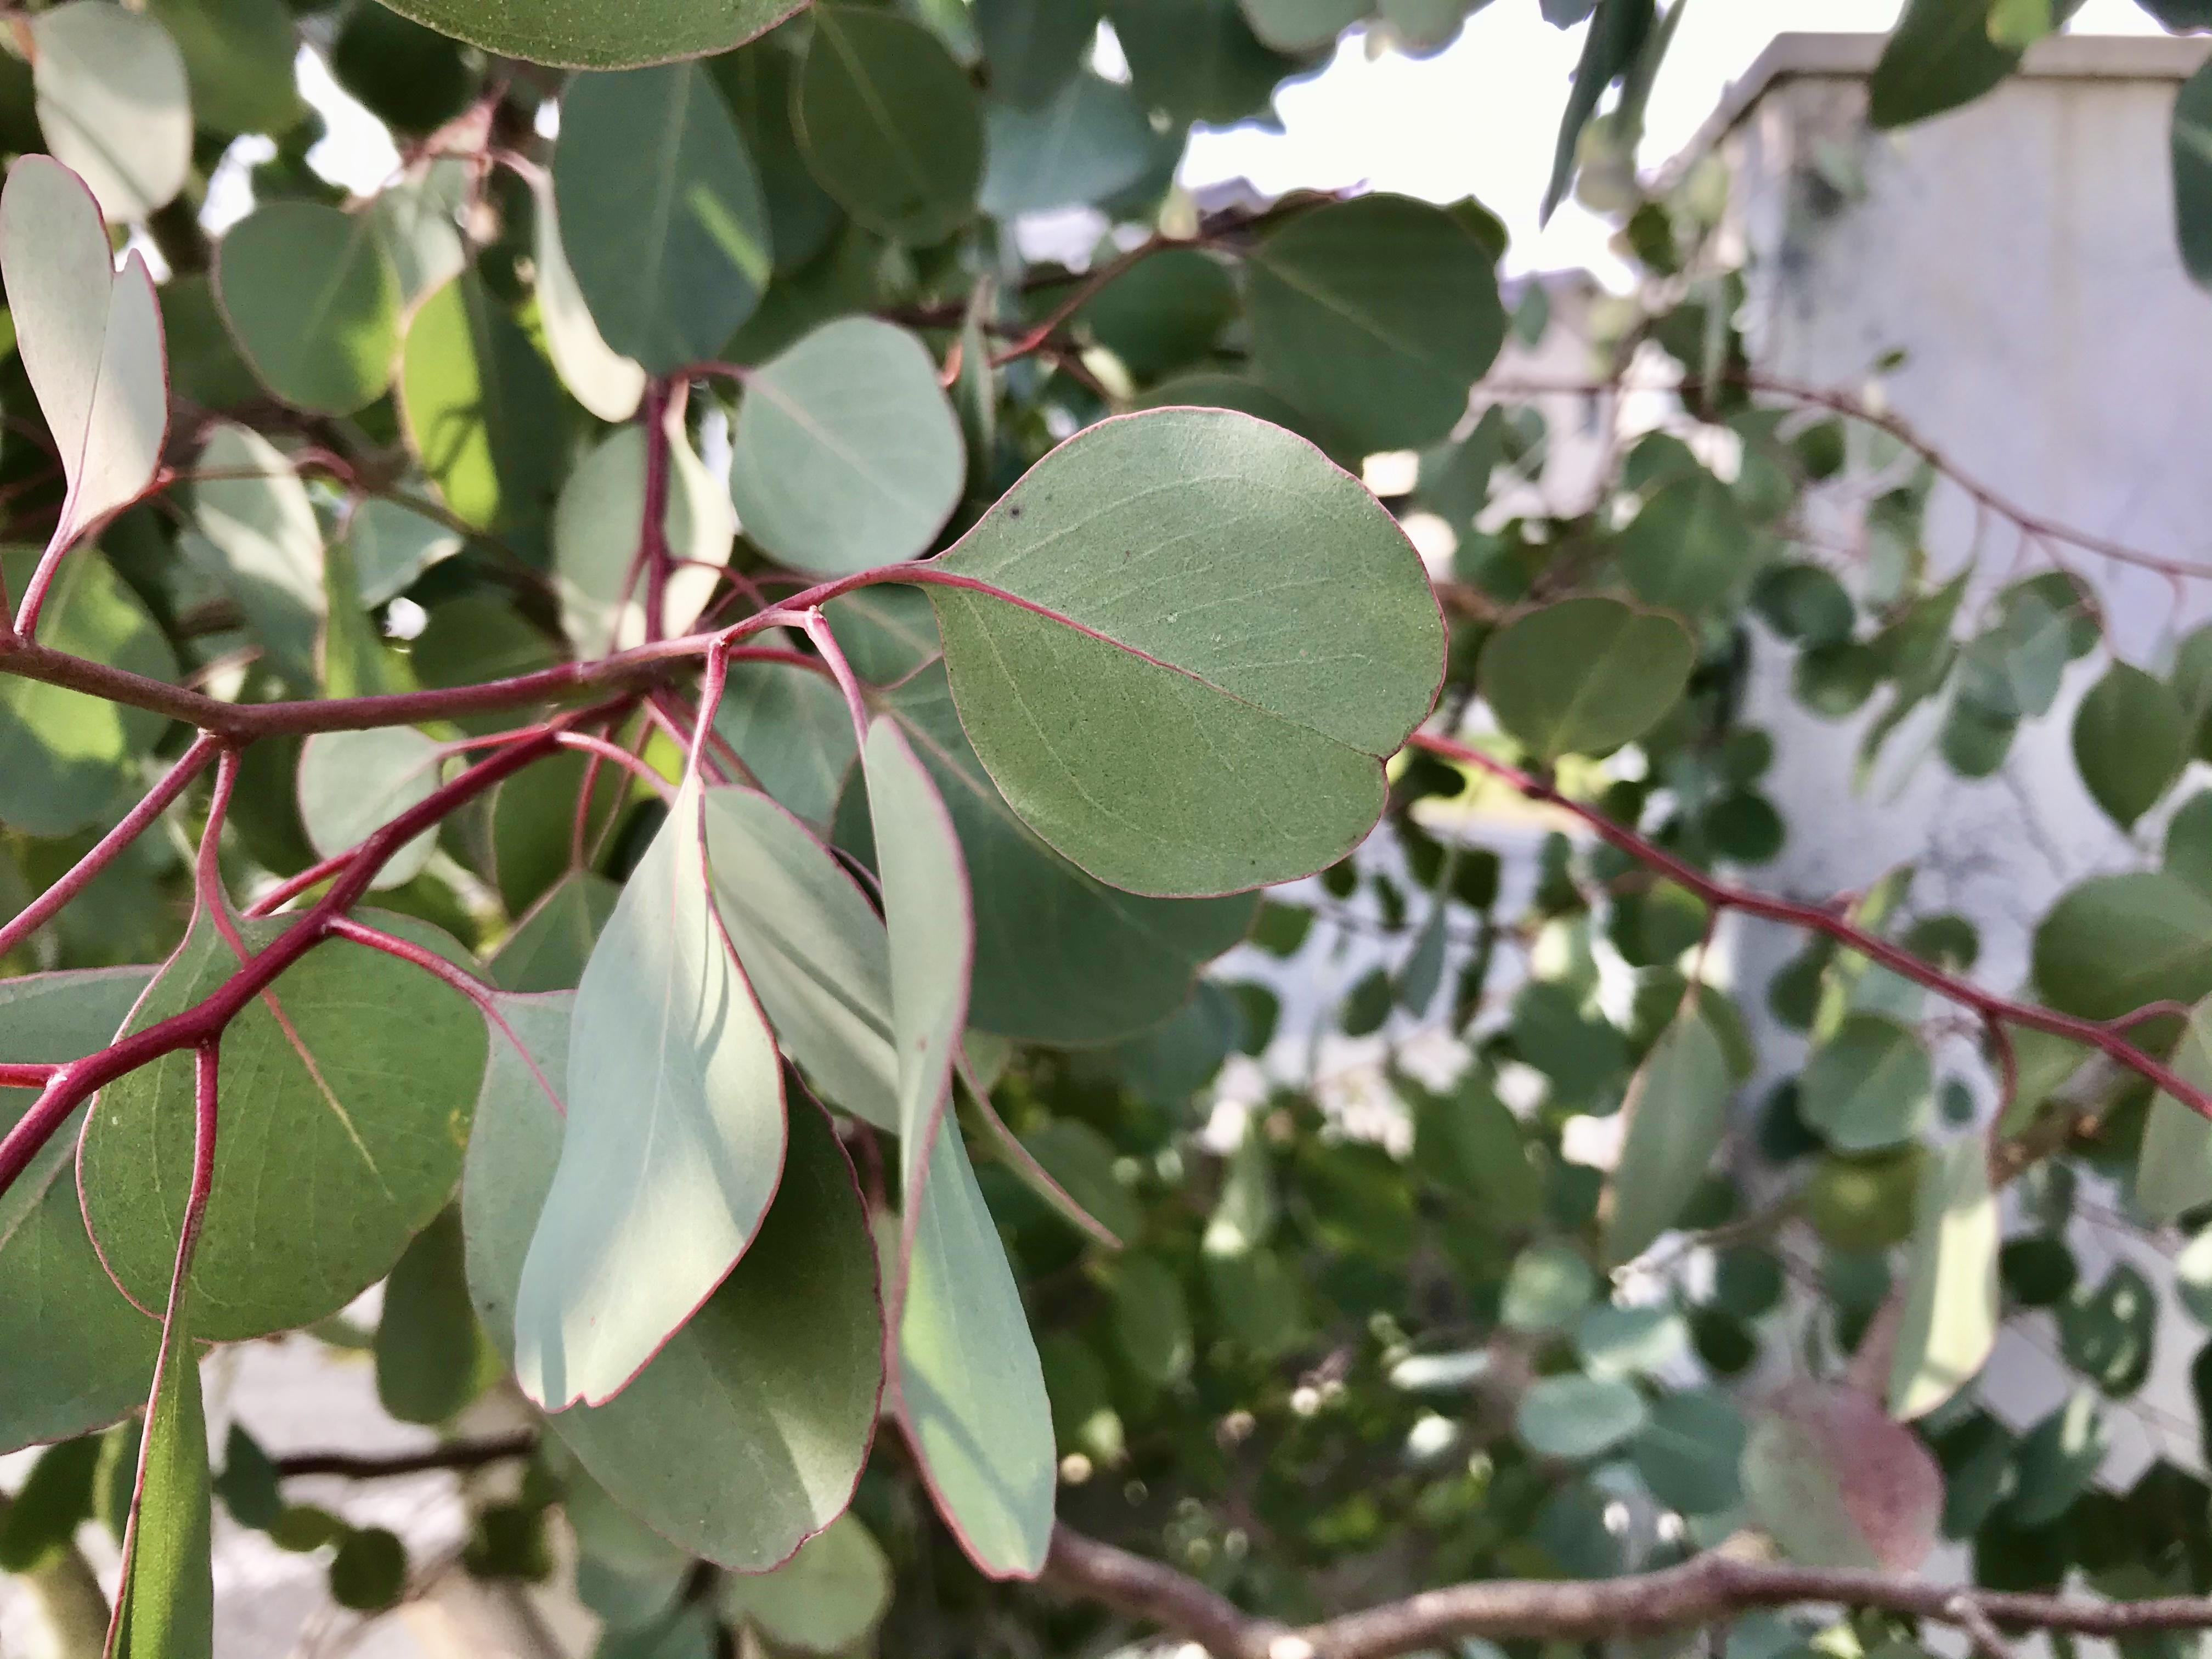 ユーカリ・ポポラスとは?ハートが特徴的な植物の特徴や種類をご紹介!